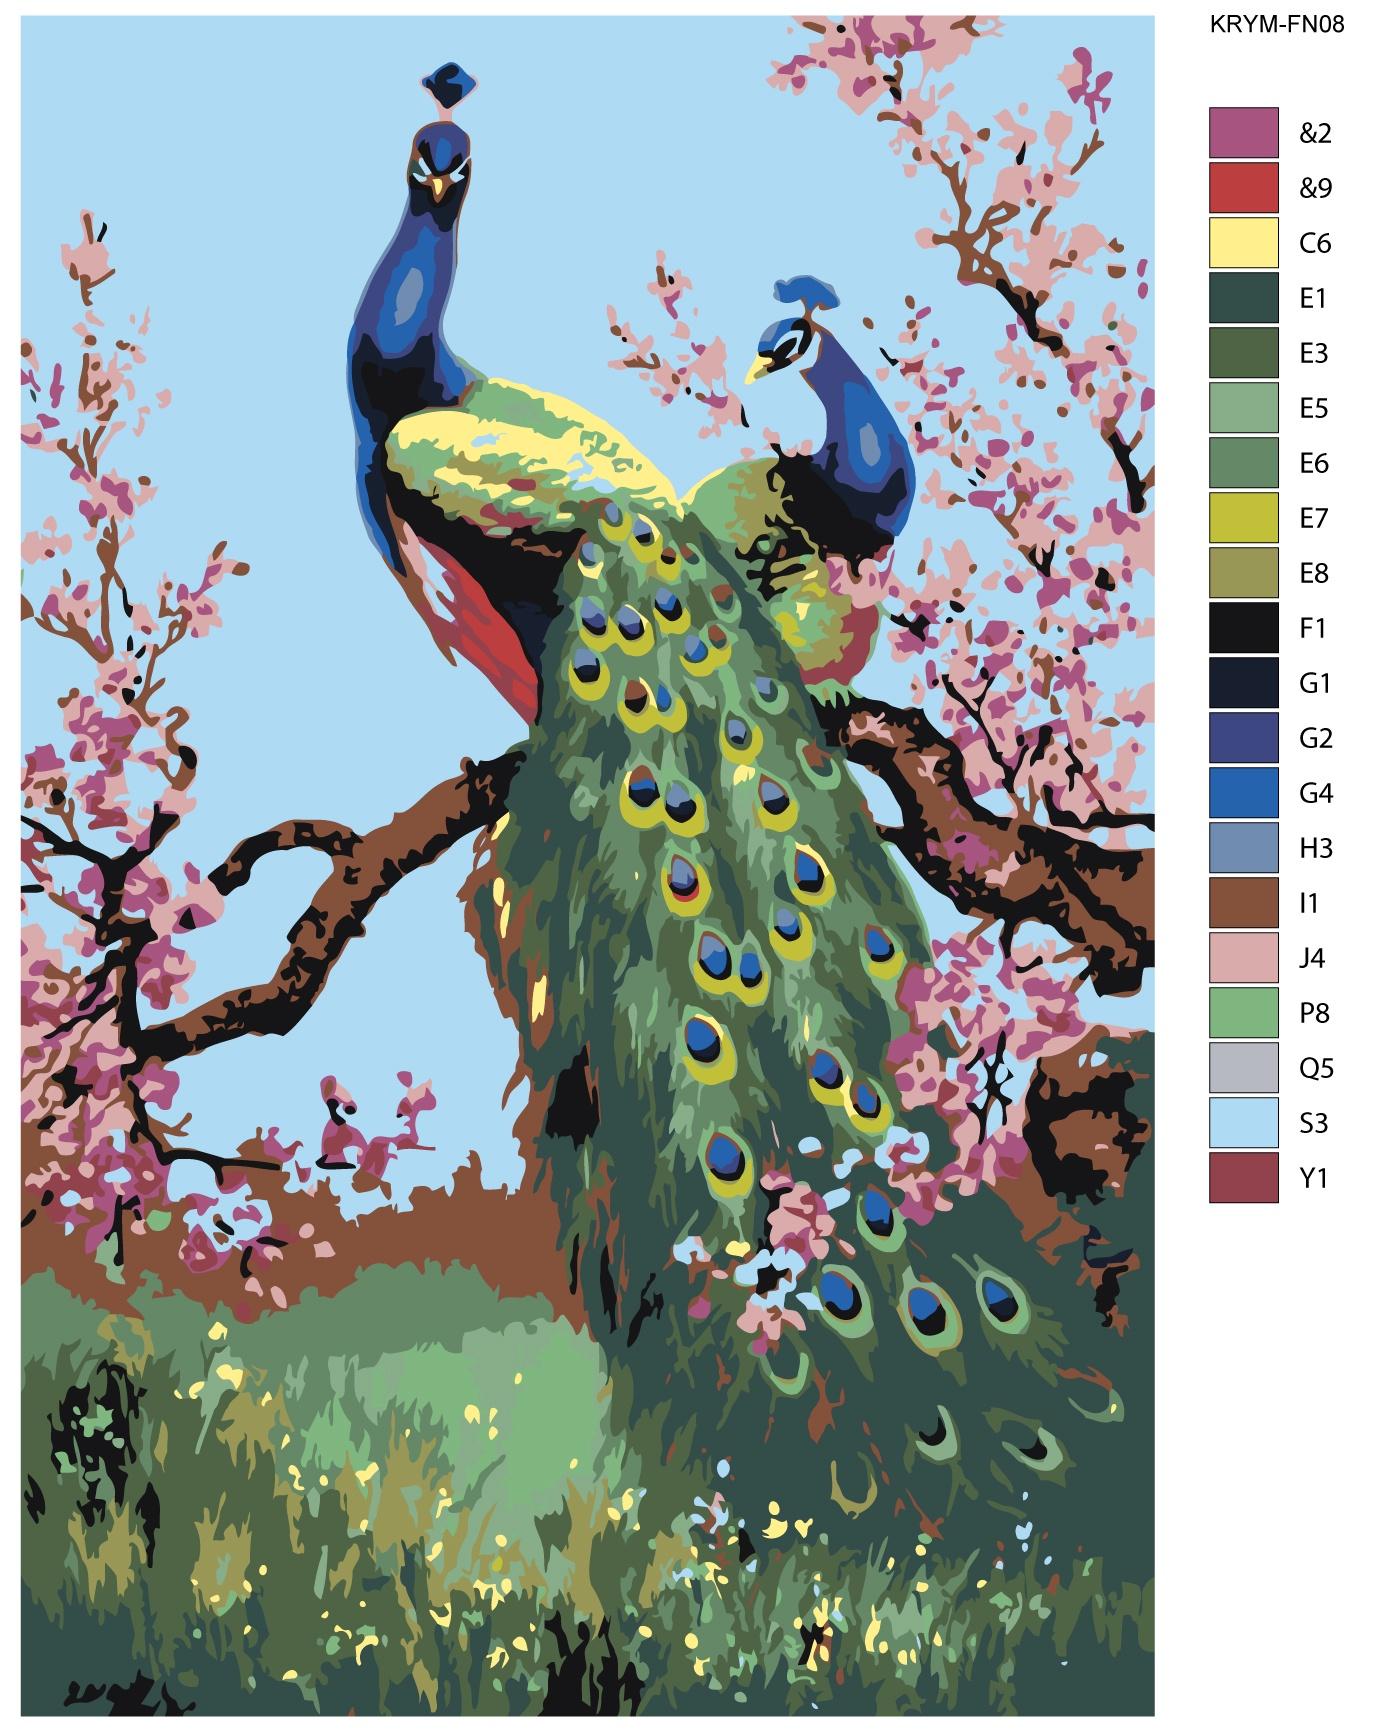 Картина по номерам, 80 x 120 см, KRYM-FN08 тени для век zao essence of nature zao essence of nature za005lwkjk51